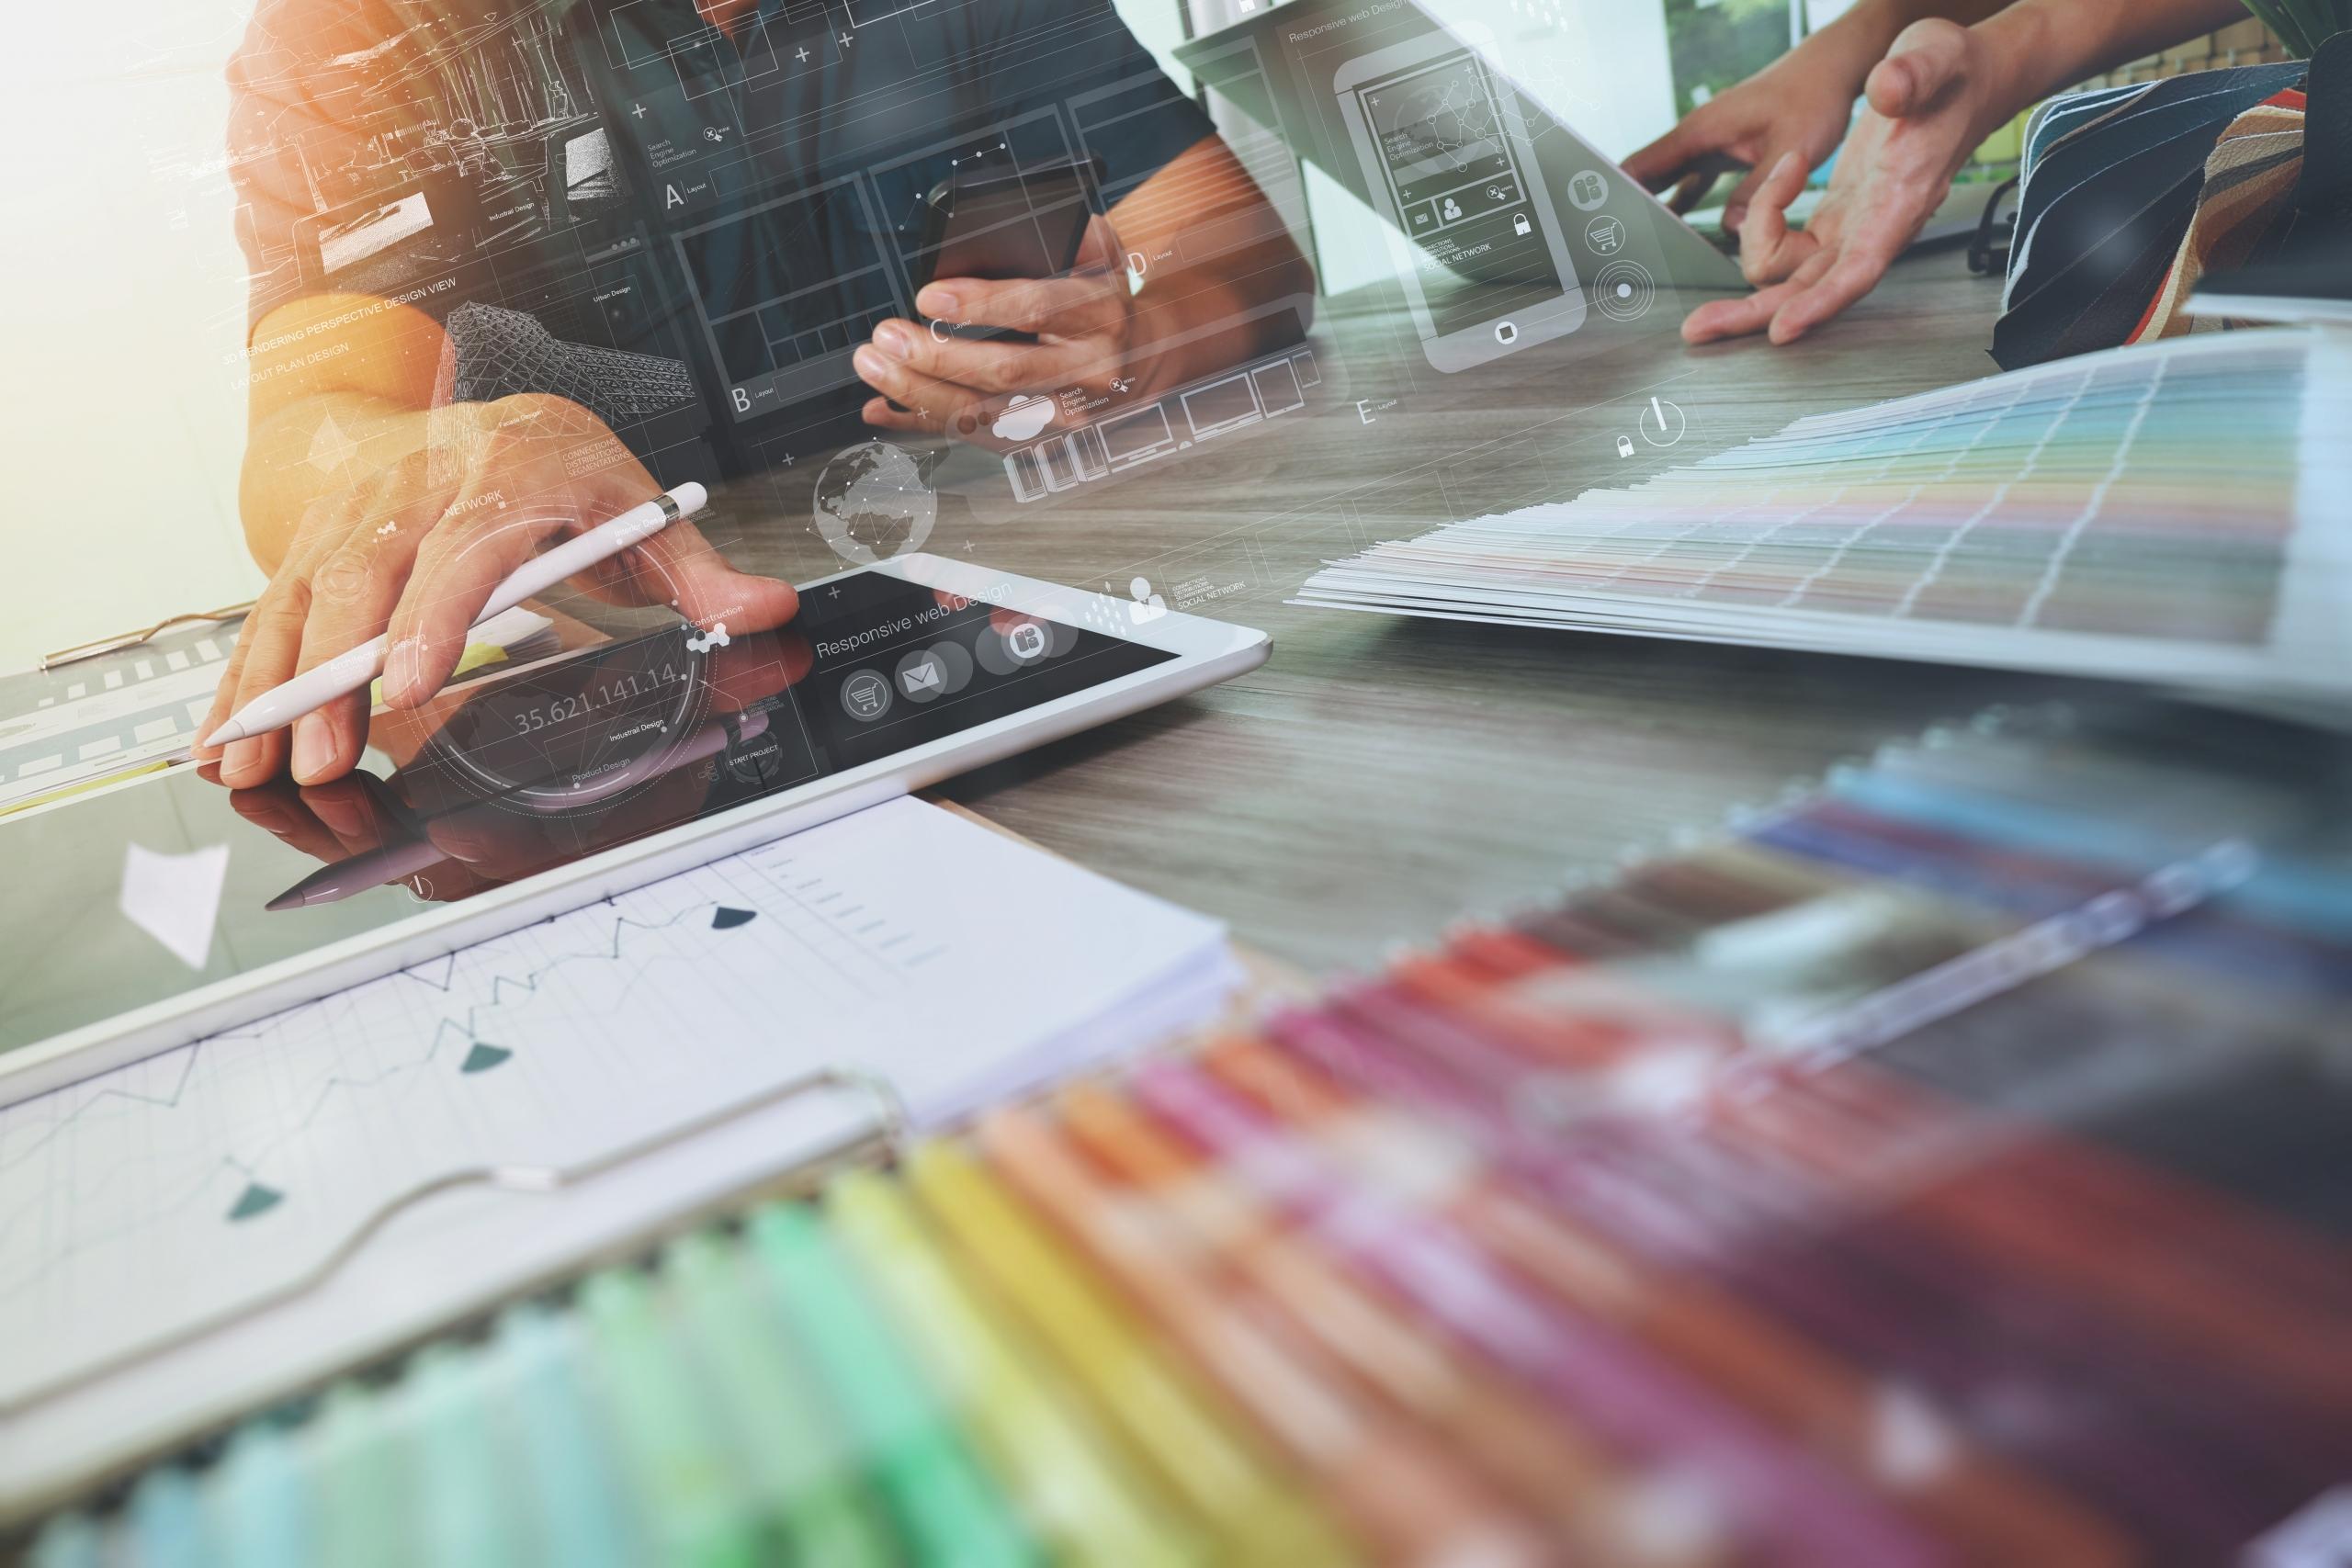 Unternehmensberatung Onlineseminar Ablauf GmbH Gründung